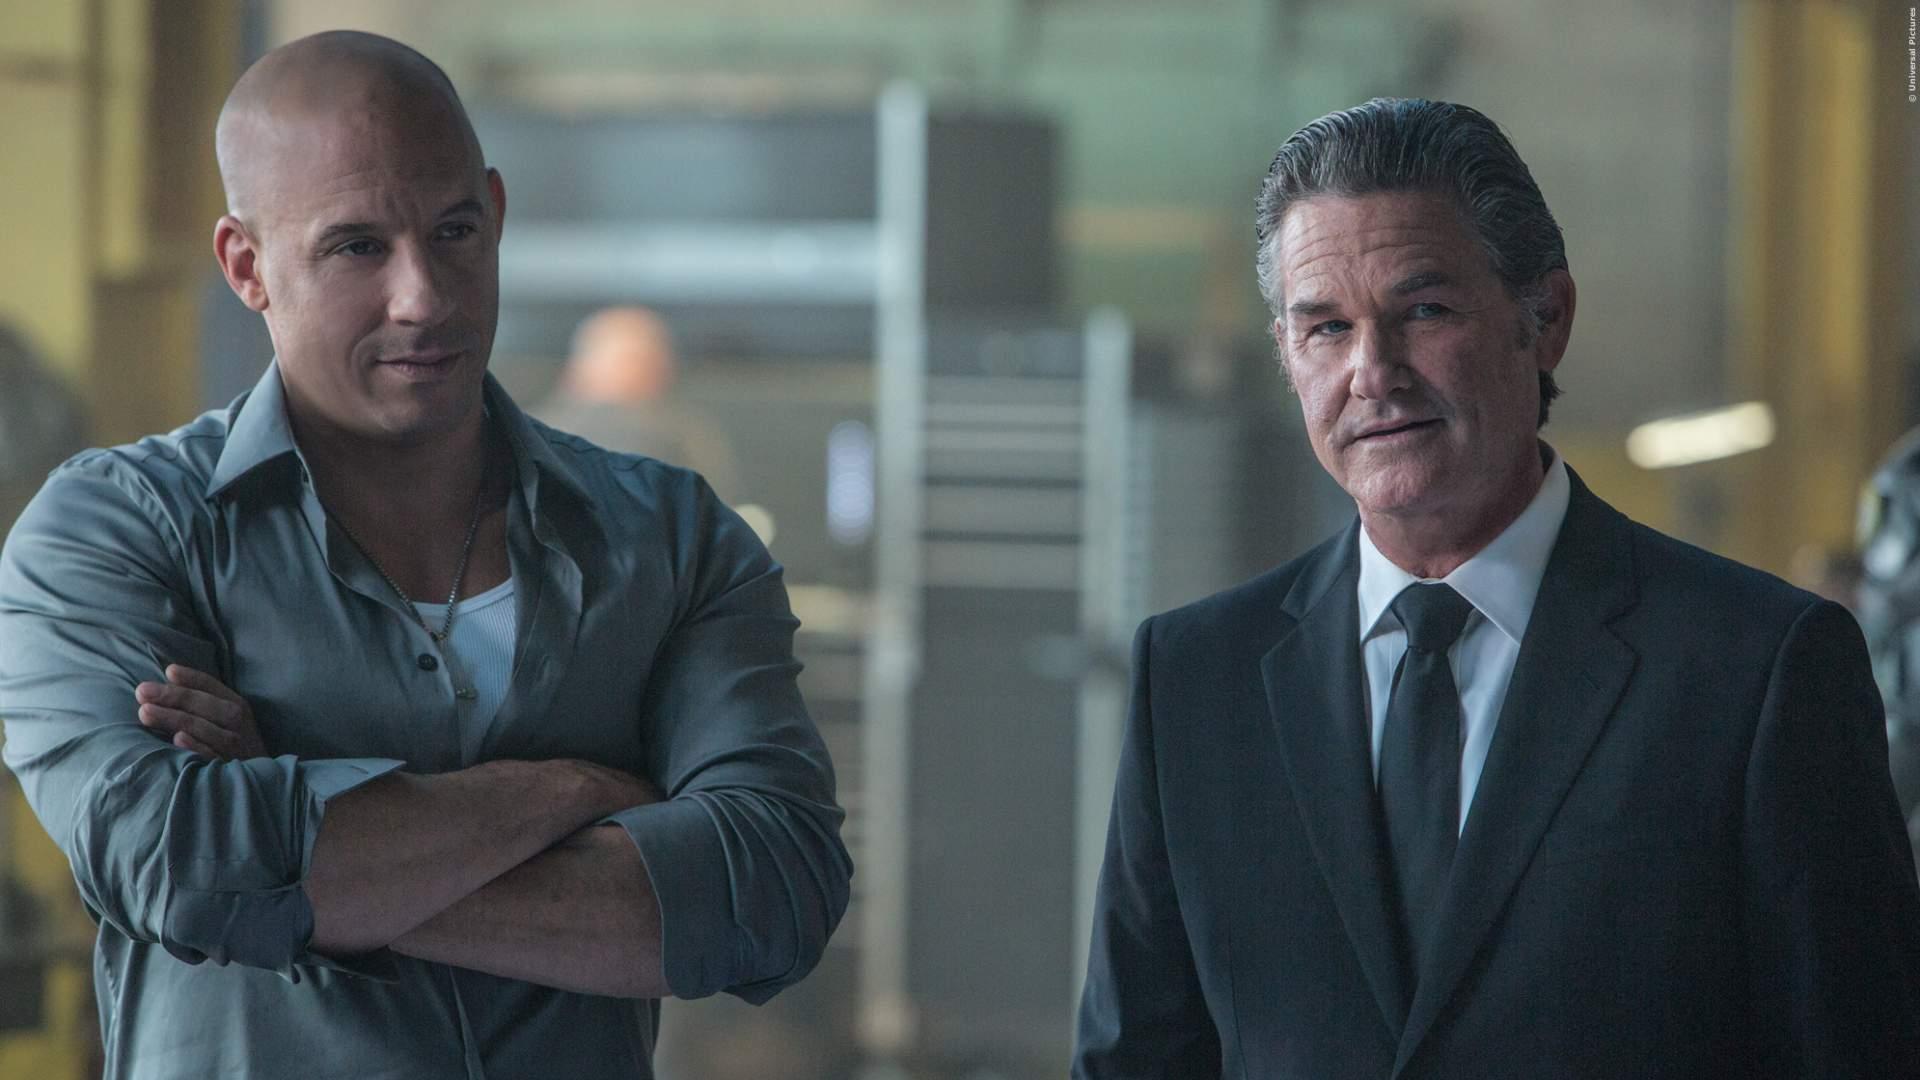 Vin Diesel in Fast and Furious - Bild 11 von 12